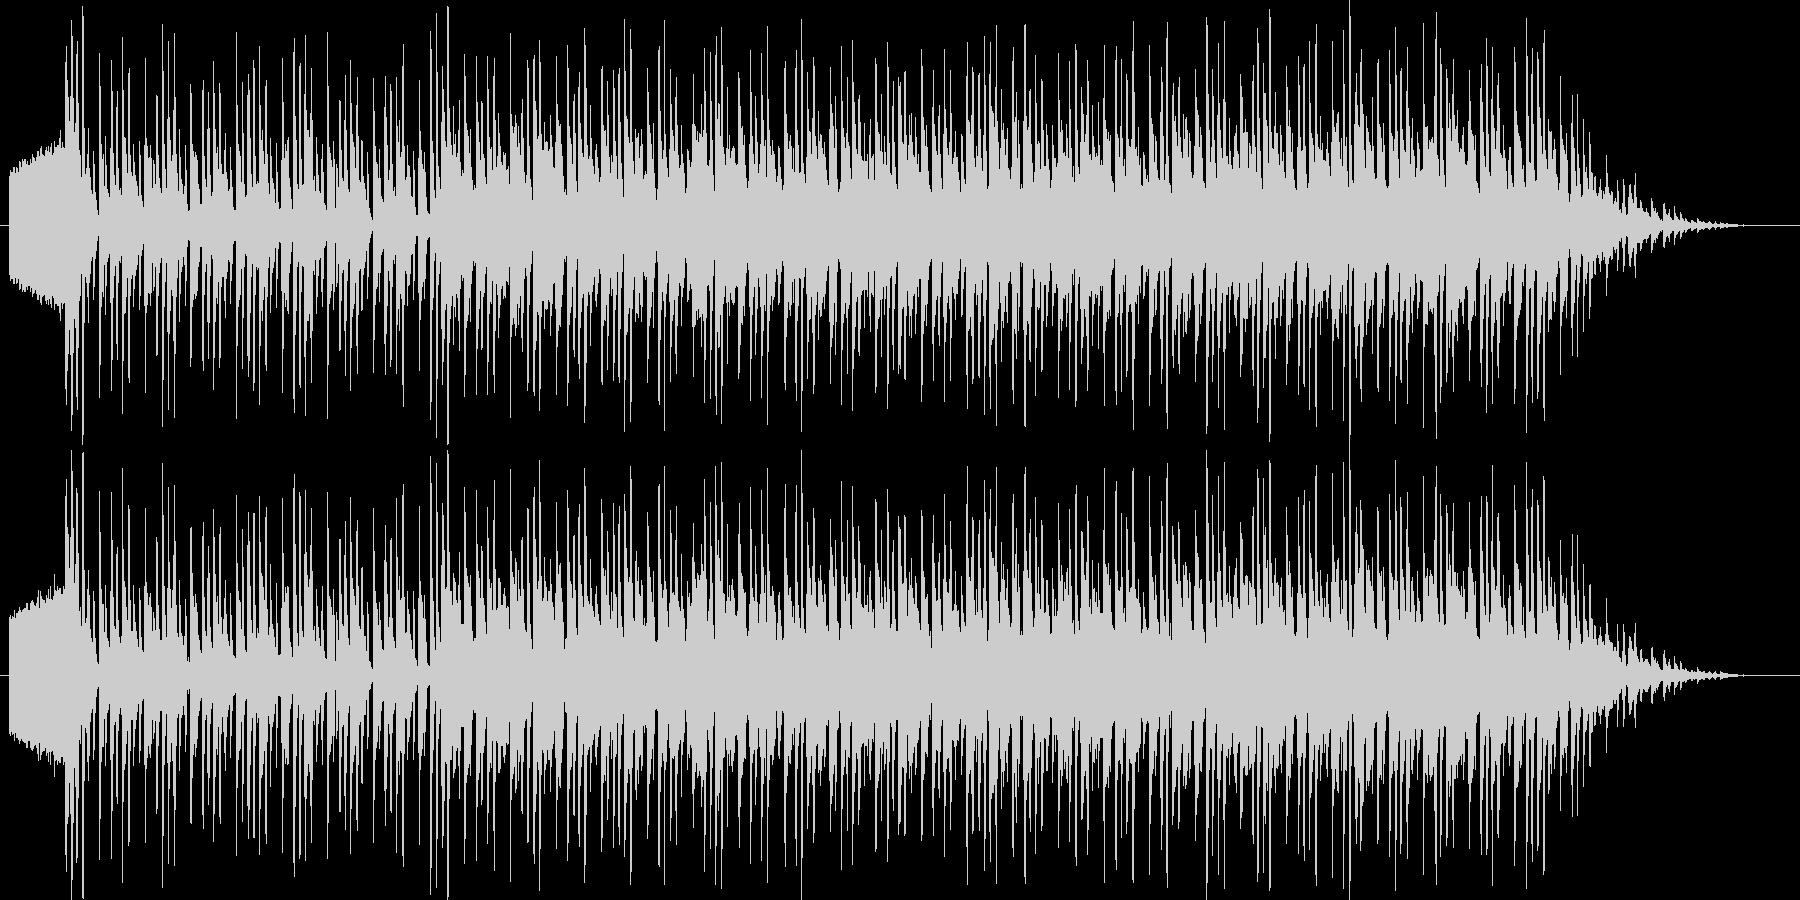 サックスの旋律が印象的な都会的なロックの未再生の波形